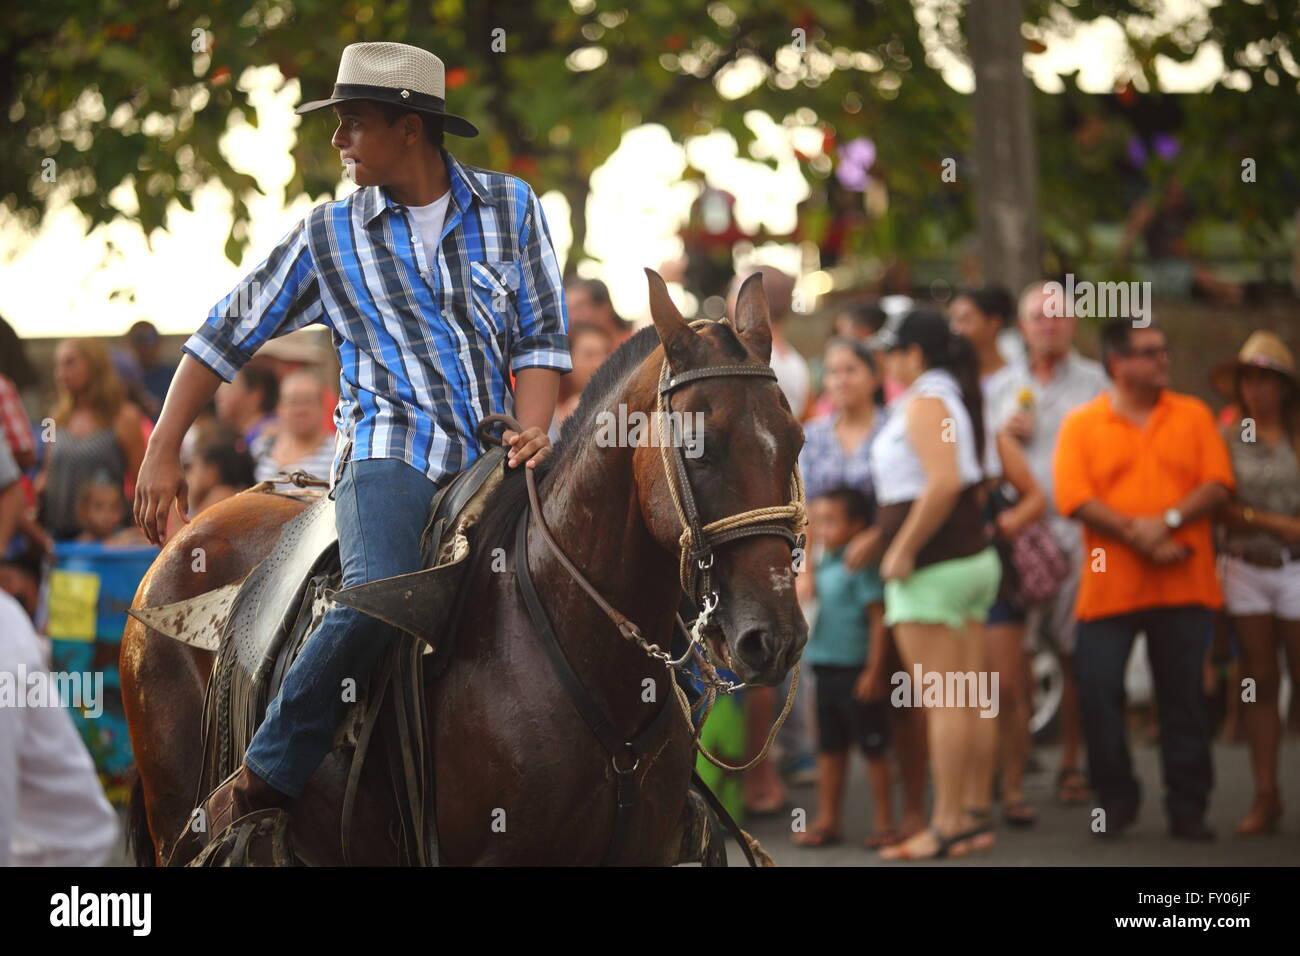 Teen boy riding horse in parade - Stock Image